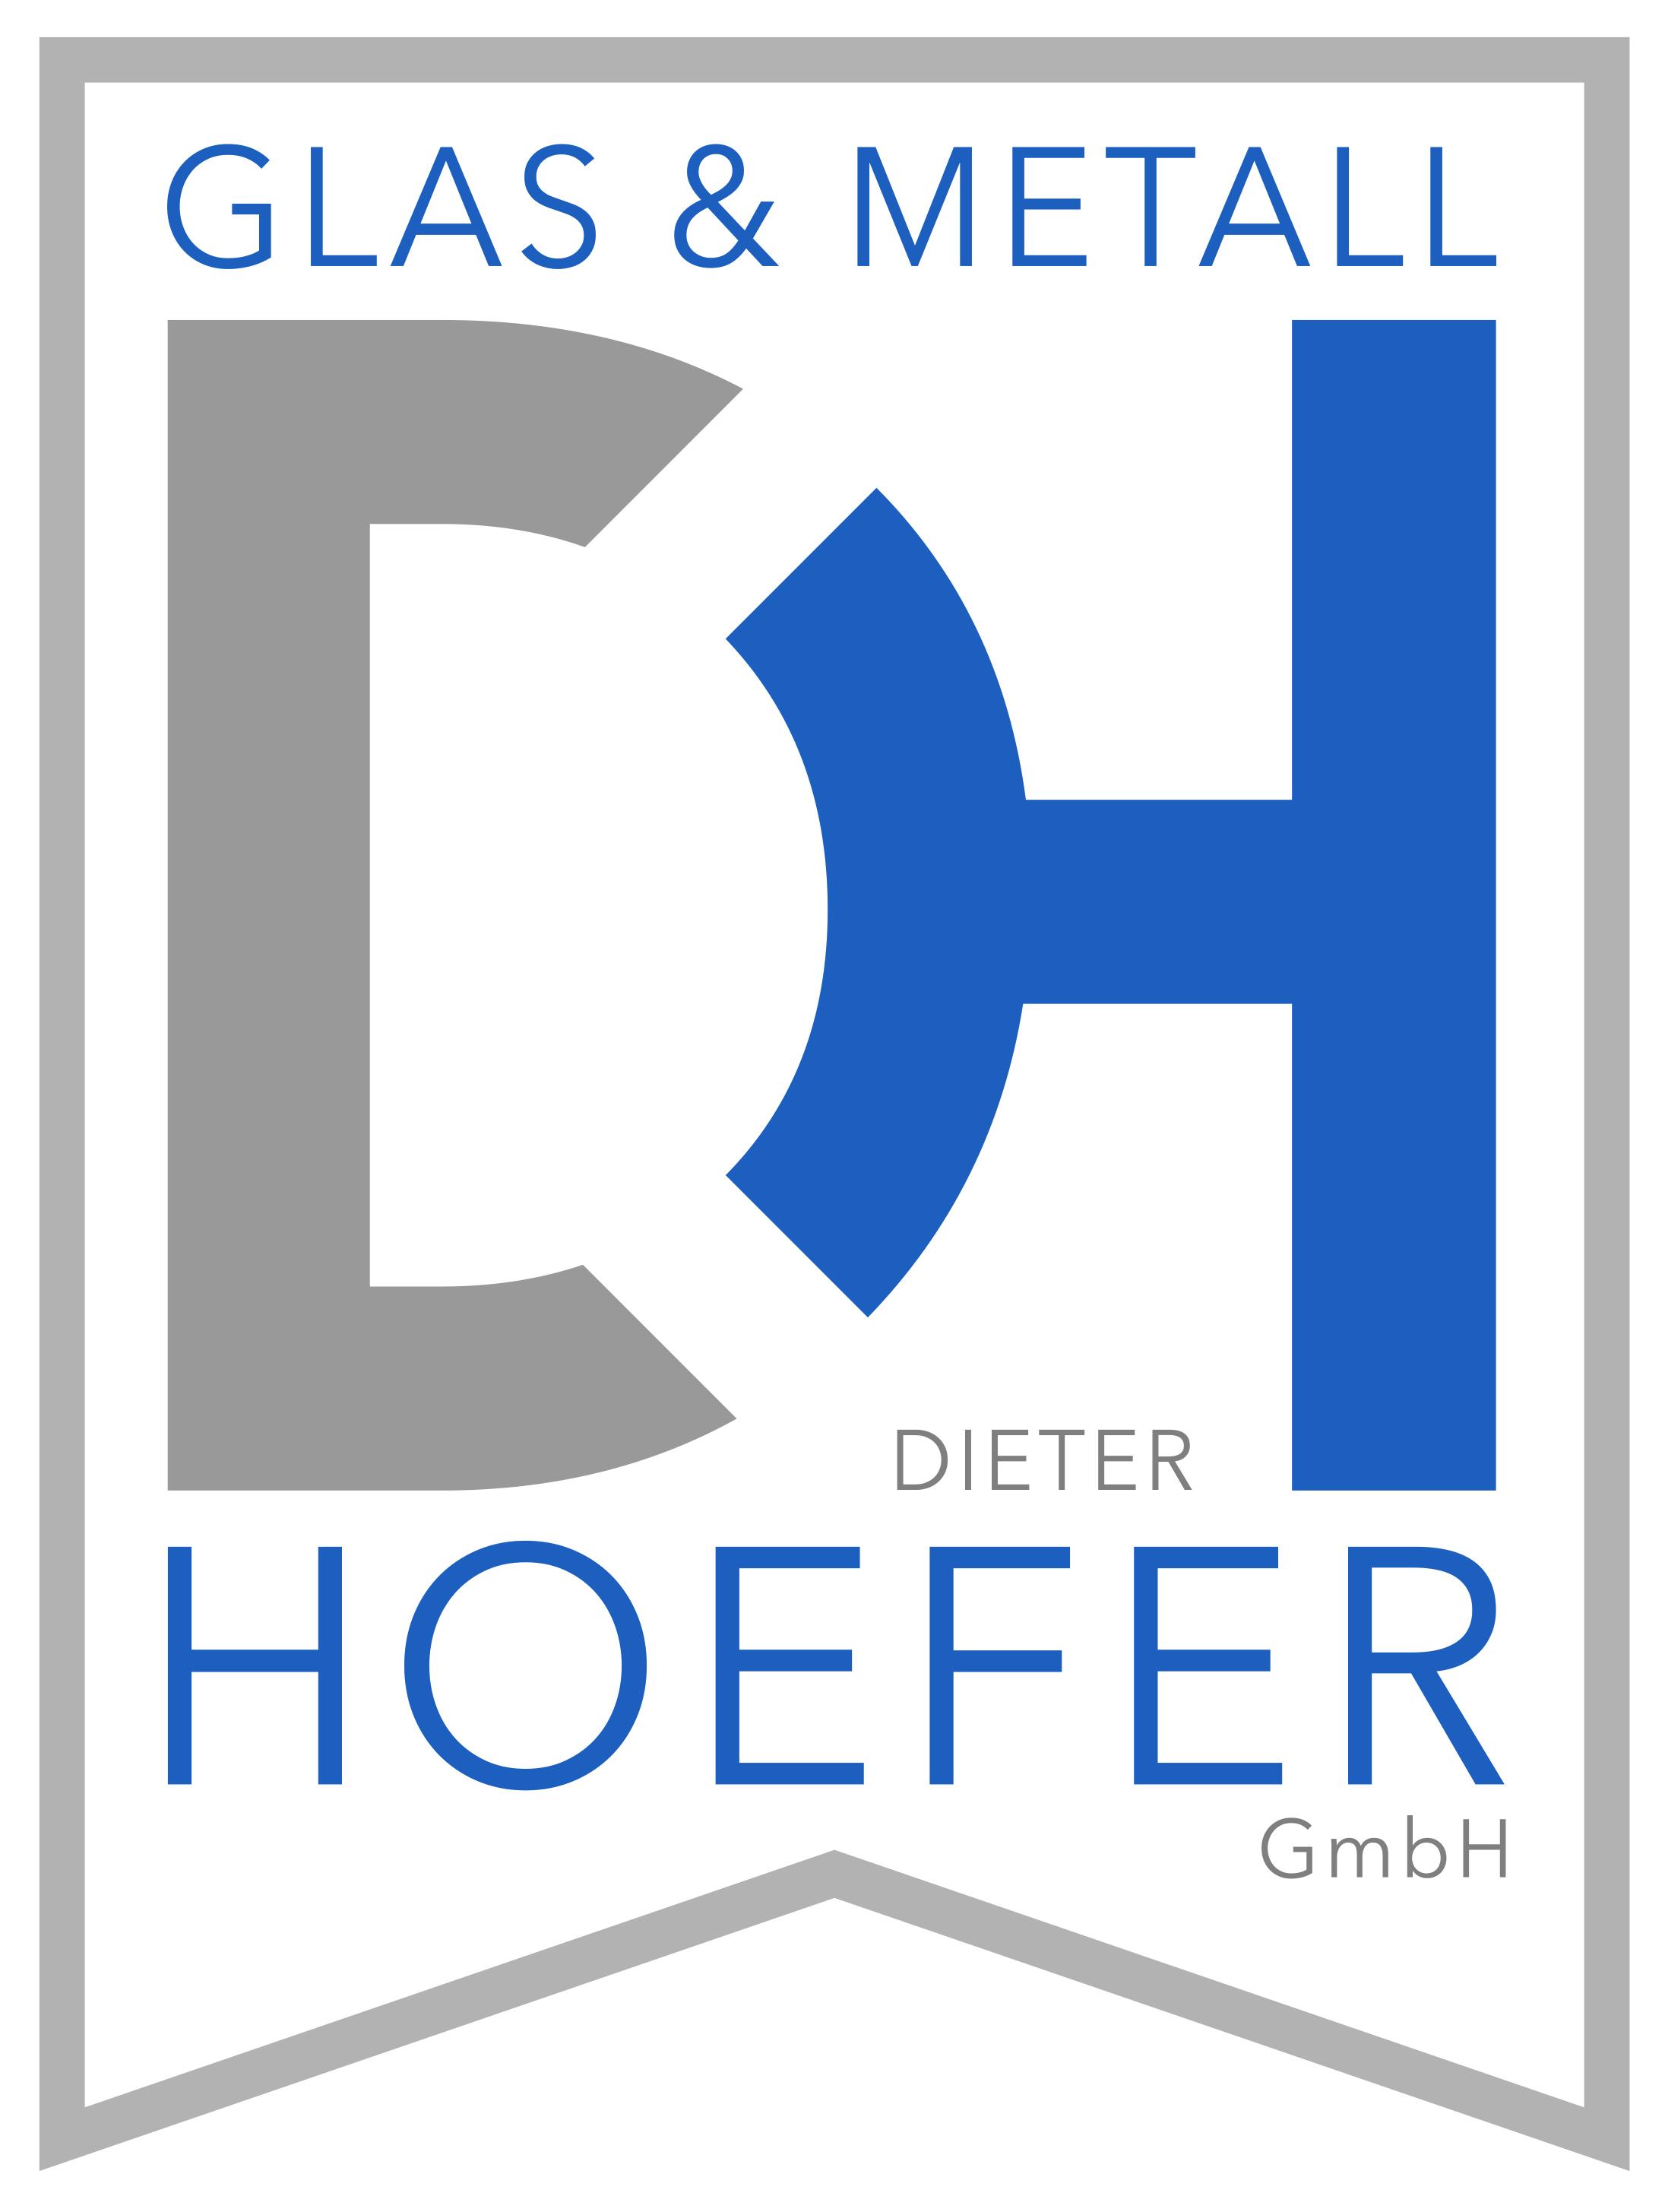 Dieter Hoefer GmbH